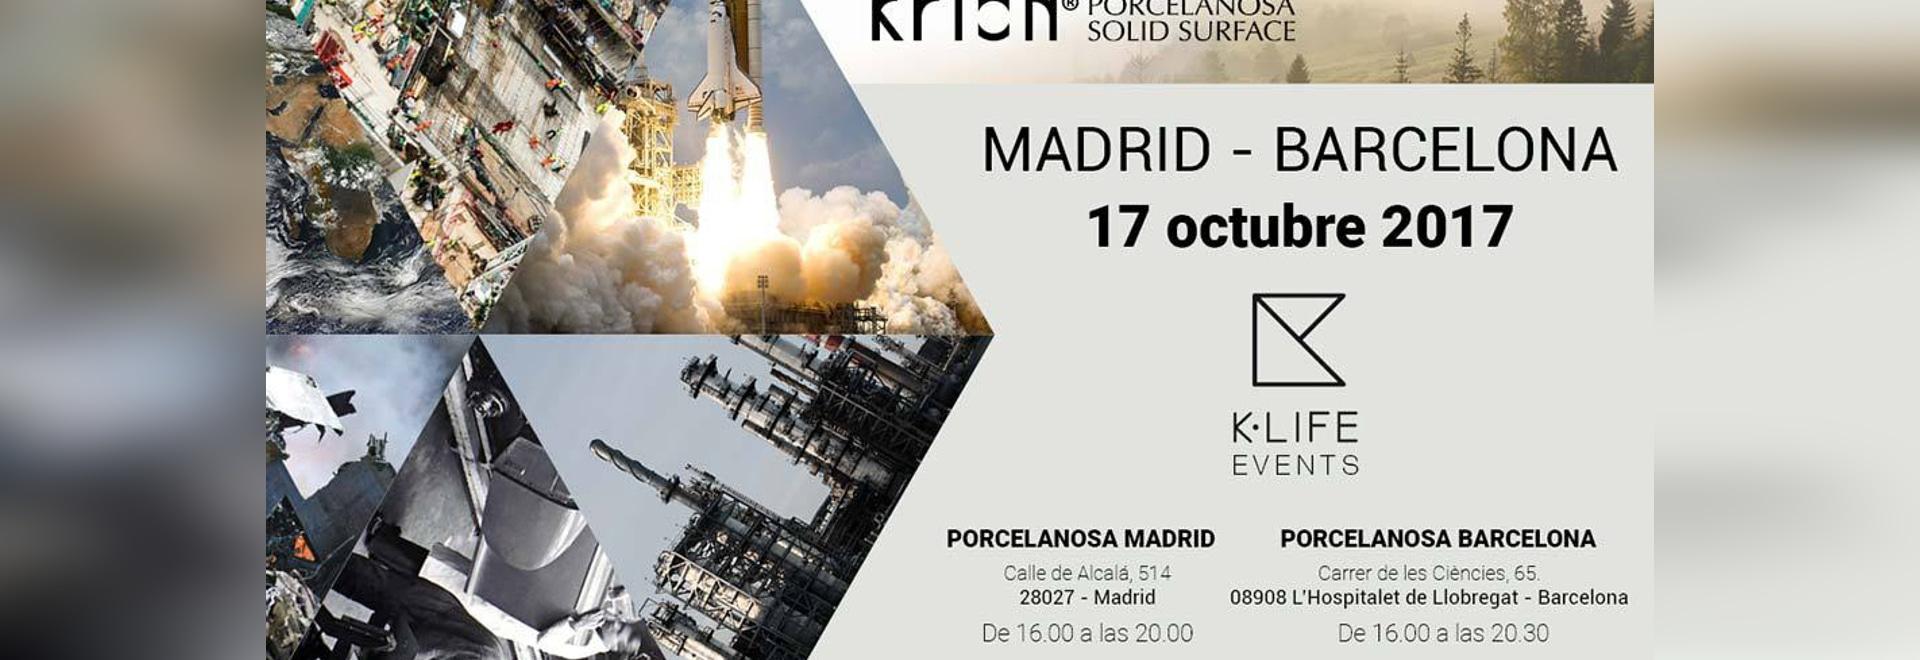 Il prossimo 17 Ottobre, presentazione simultanea di KRION K-LIFE a Madrid e Barcellona